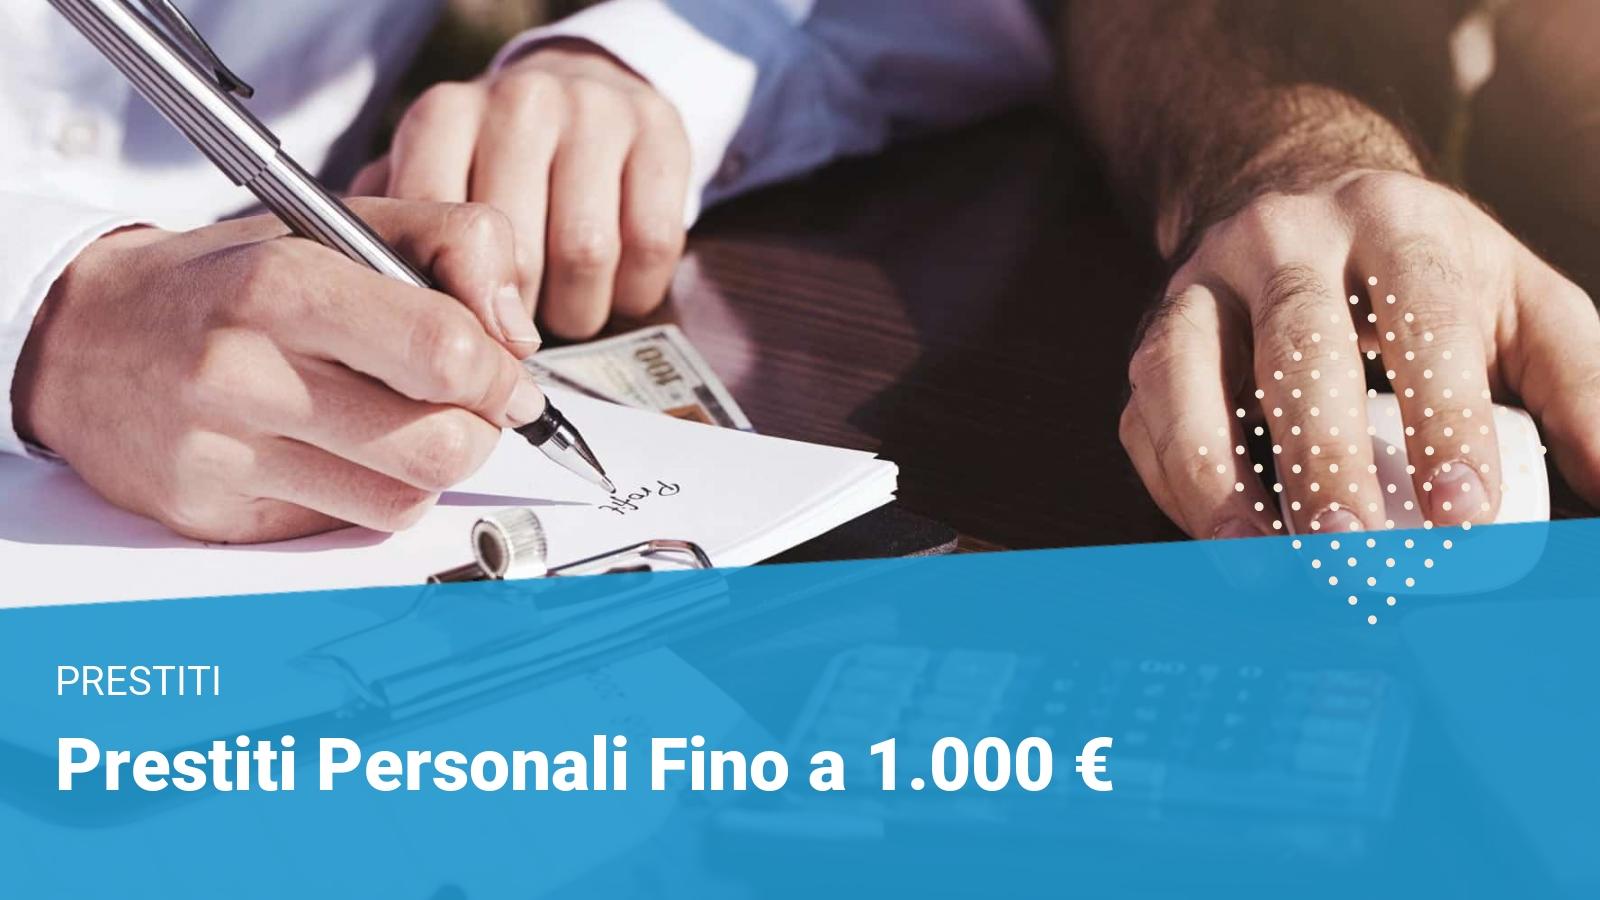 Prestiti Personali Fino a 1000 €